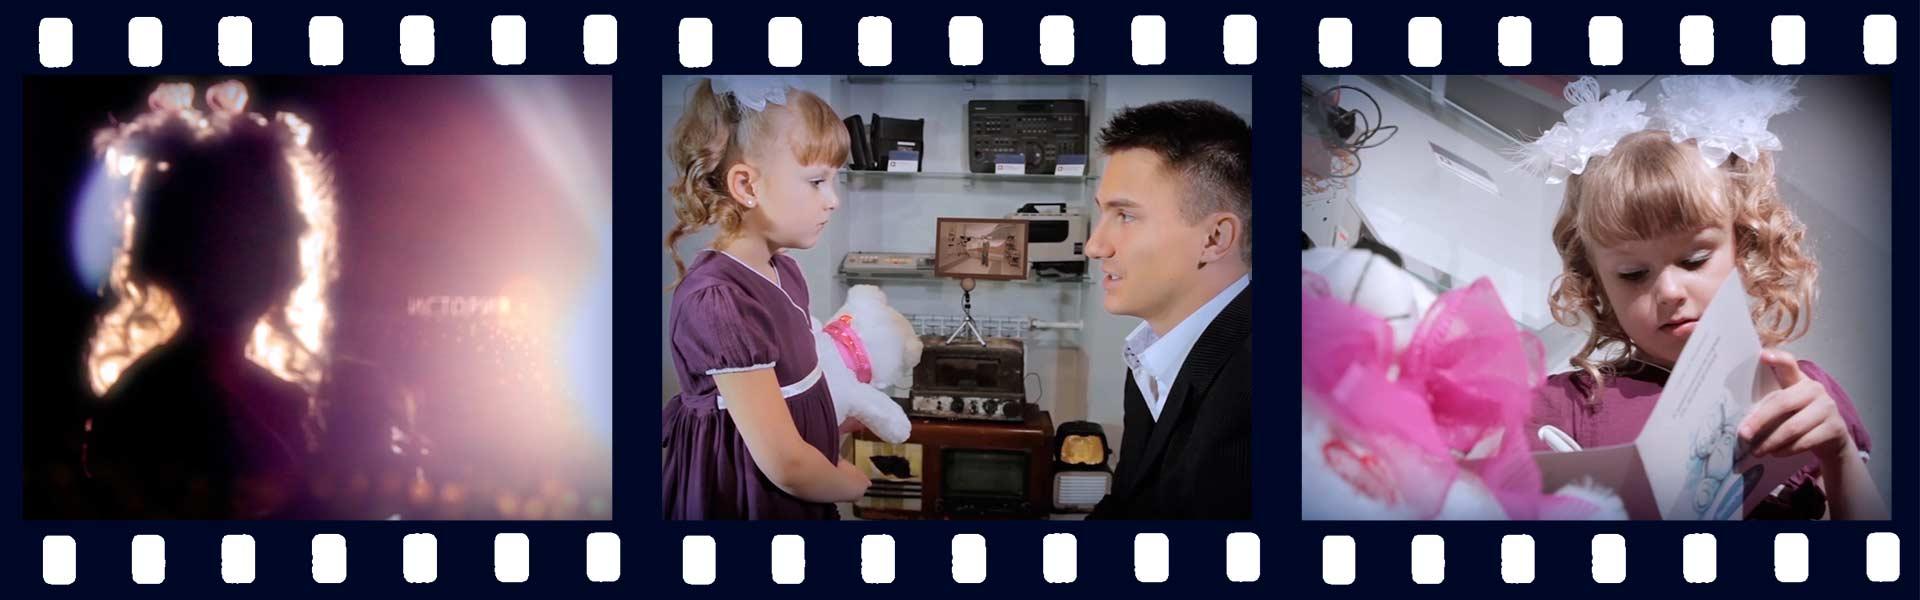 Документальный фильм «Алиса: Путешествие за кадром»